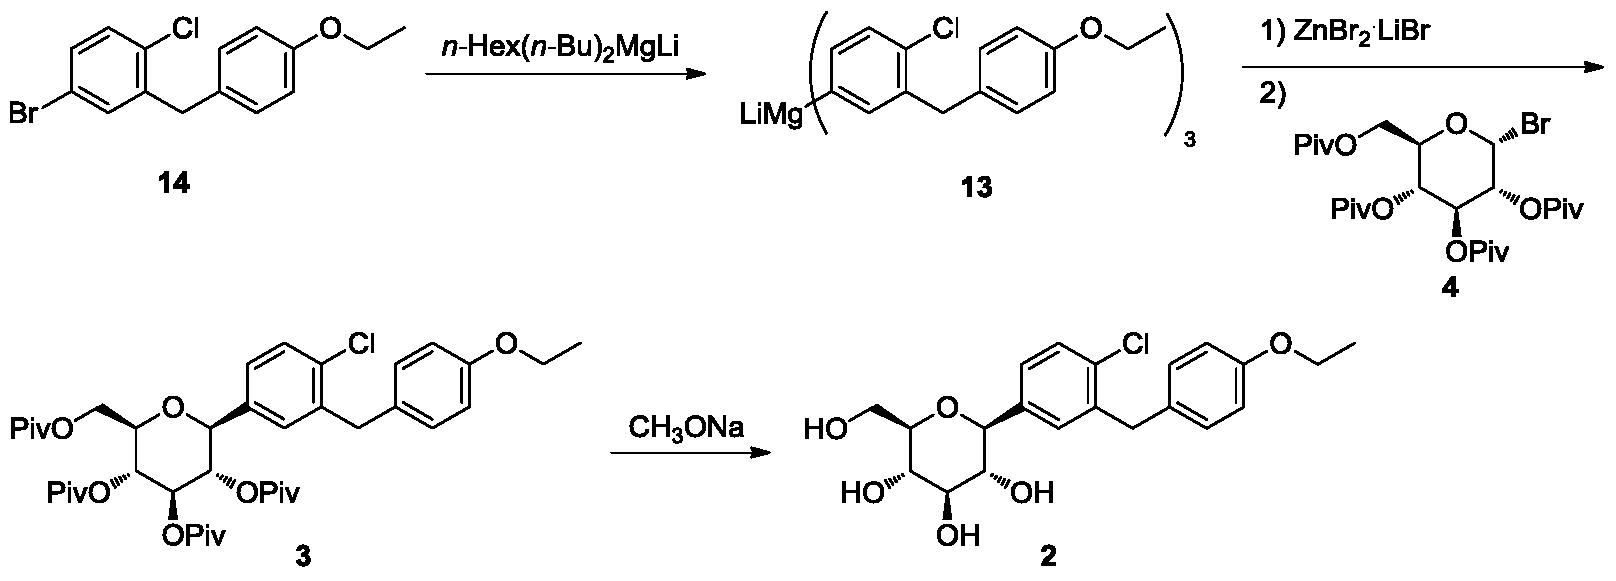 Figure PCTCN2017086106-appb-000003